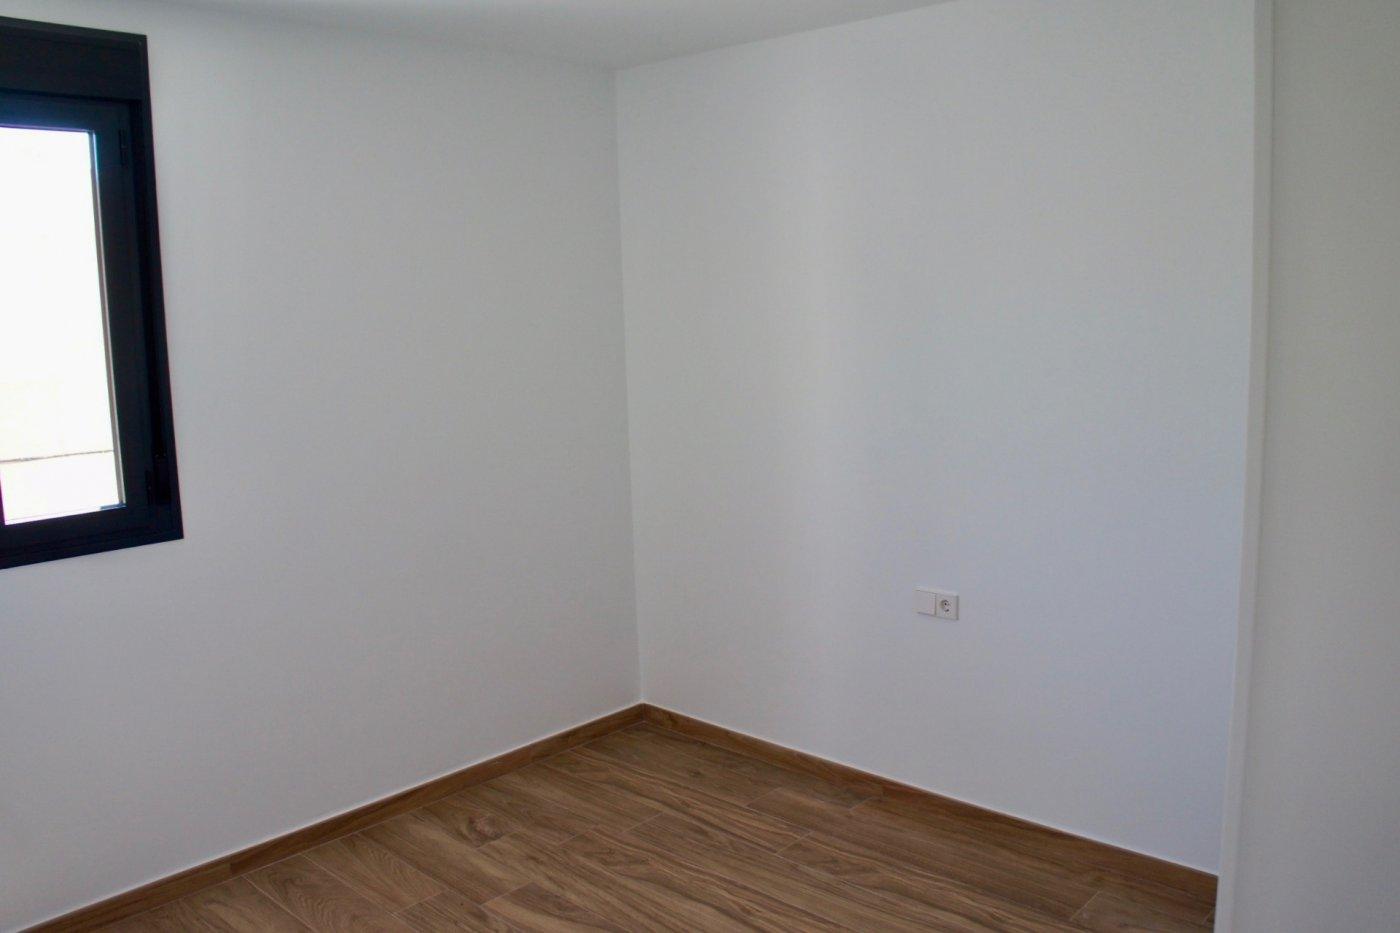 Gallery Image 11 of Nuevo apartamento listo en la planta superior de 2 dormitorios a solo 2 minutos a pie de las playas,